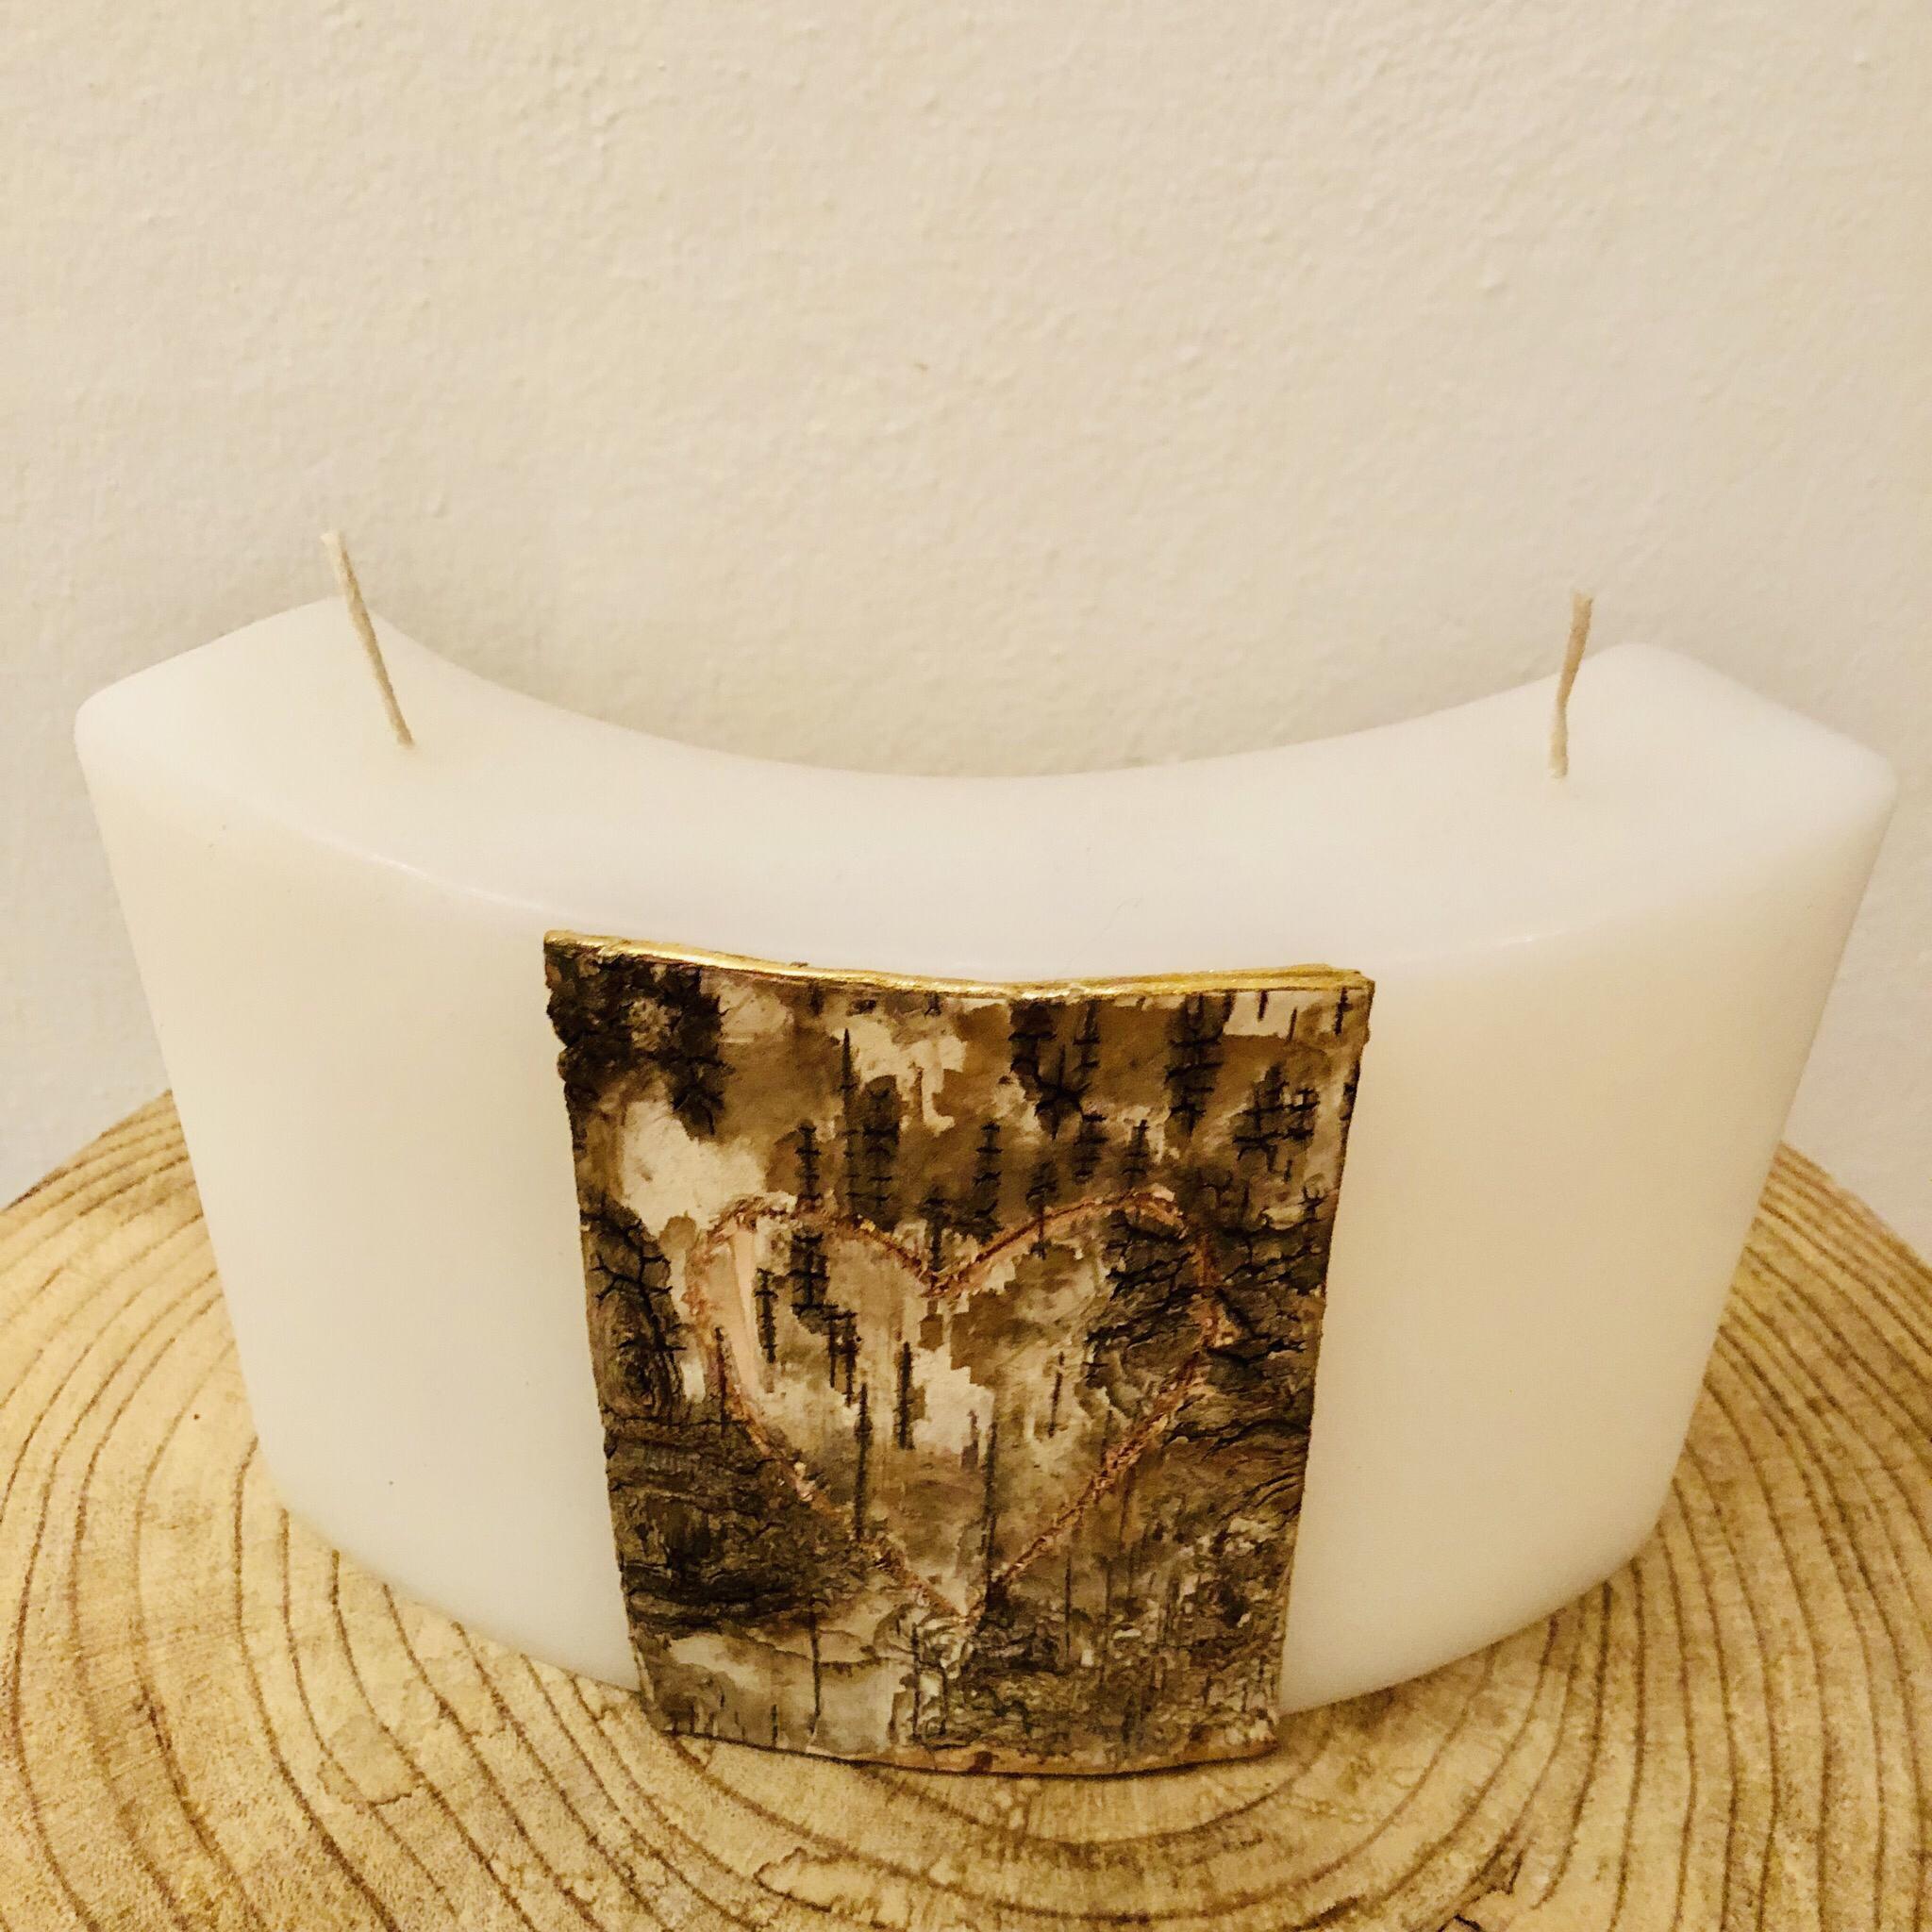 Kerze Hochzeit, Bogen weiß getaucht, mit Birkenplatte und geschnitztem Herz mit Platz für Initialen - Birke mit goldenem Wachsstreifenabschluss - Rückseite gravierfähig - 2 Dochte